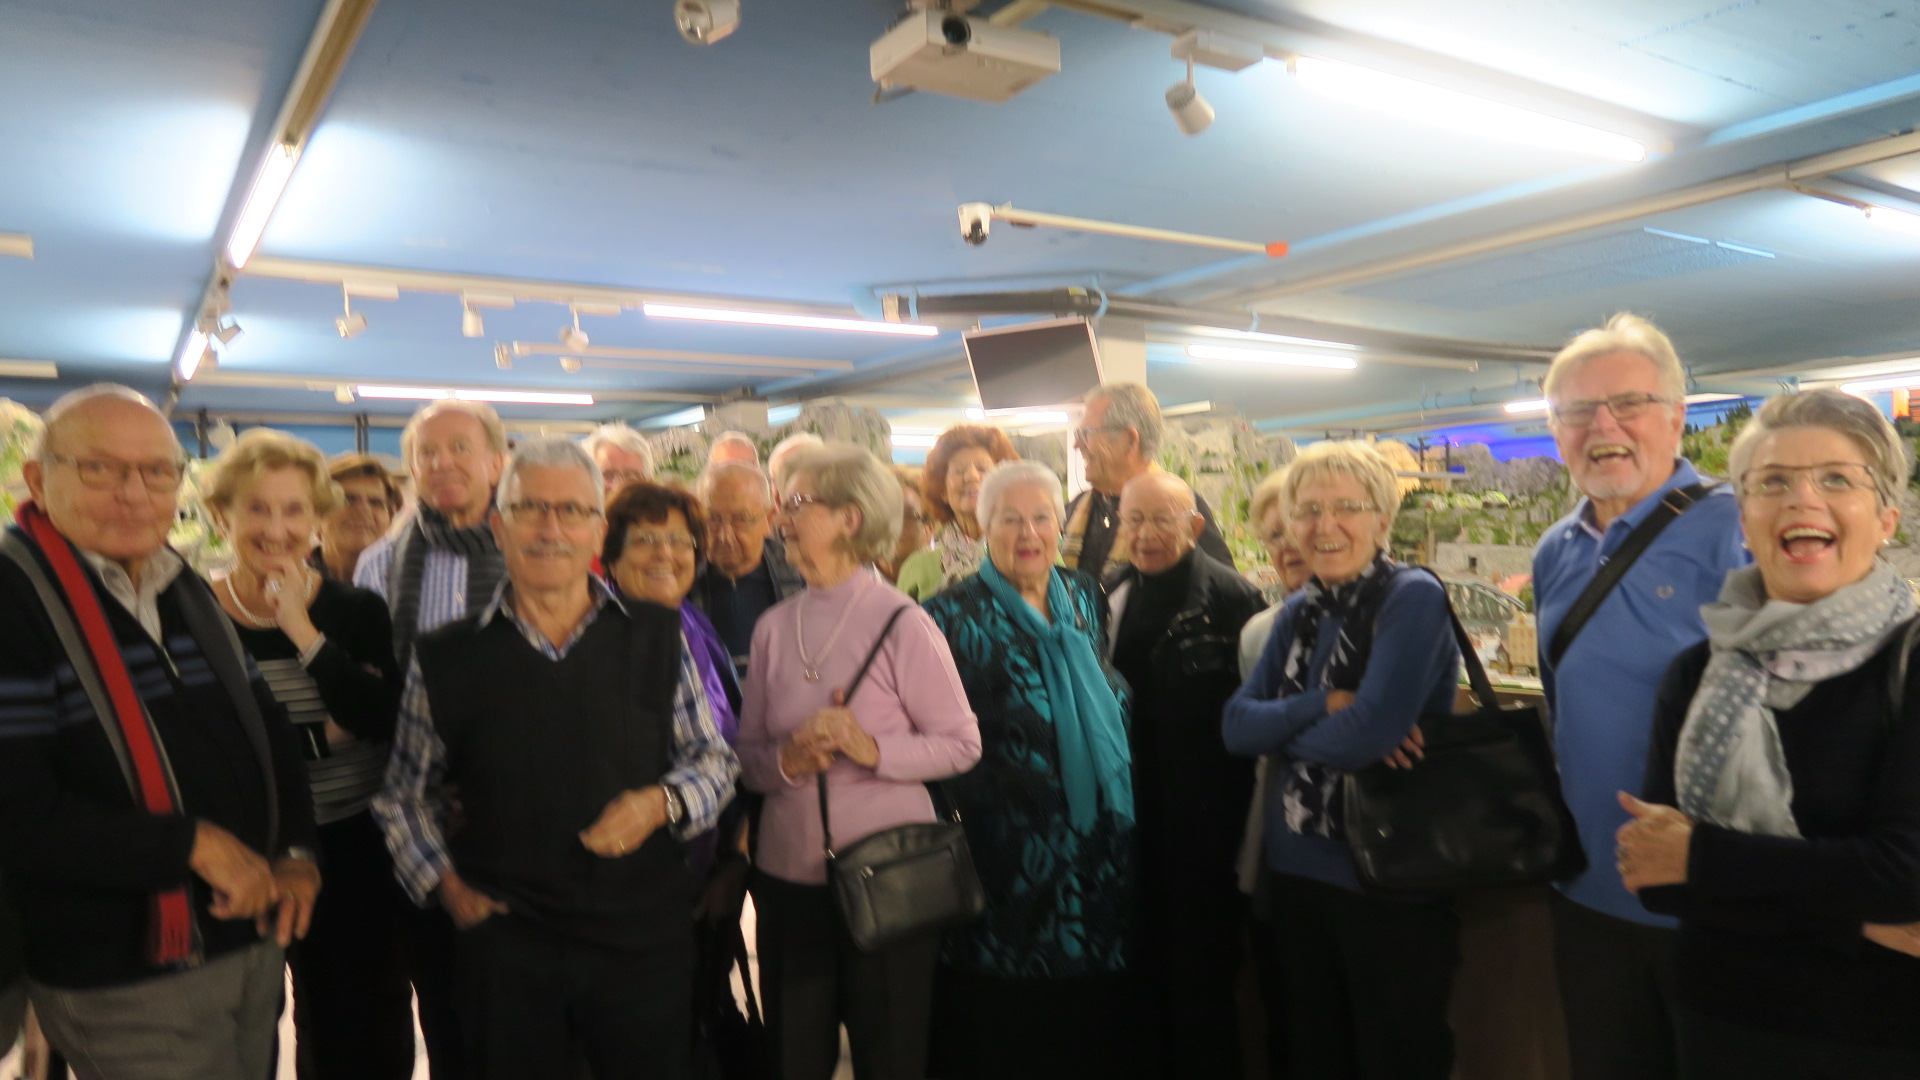 14.11.2016 - Seniorinnen und Senioren Coiffeure Zentralschweiz, Ltg. Hans Fuchs, Weggis